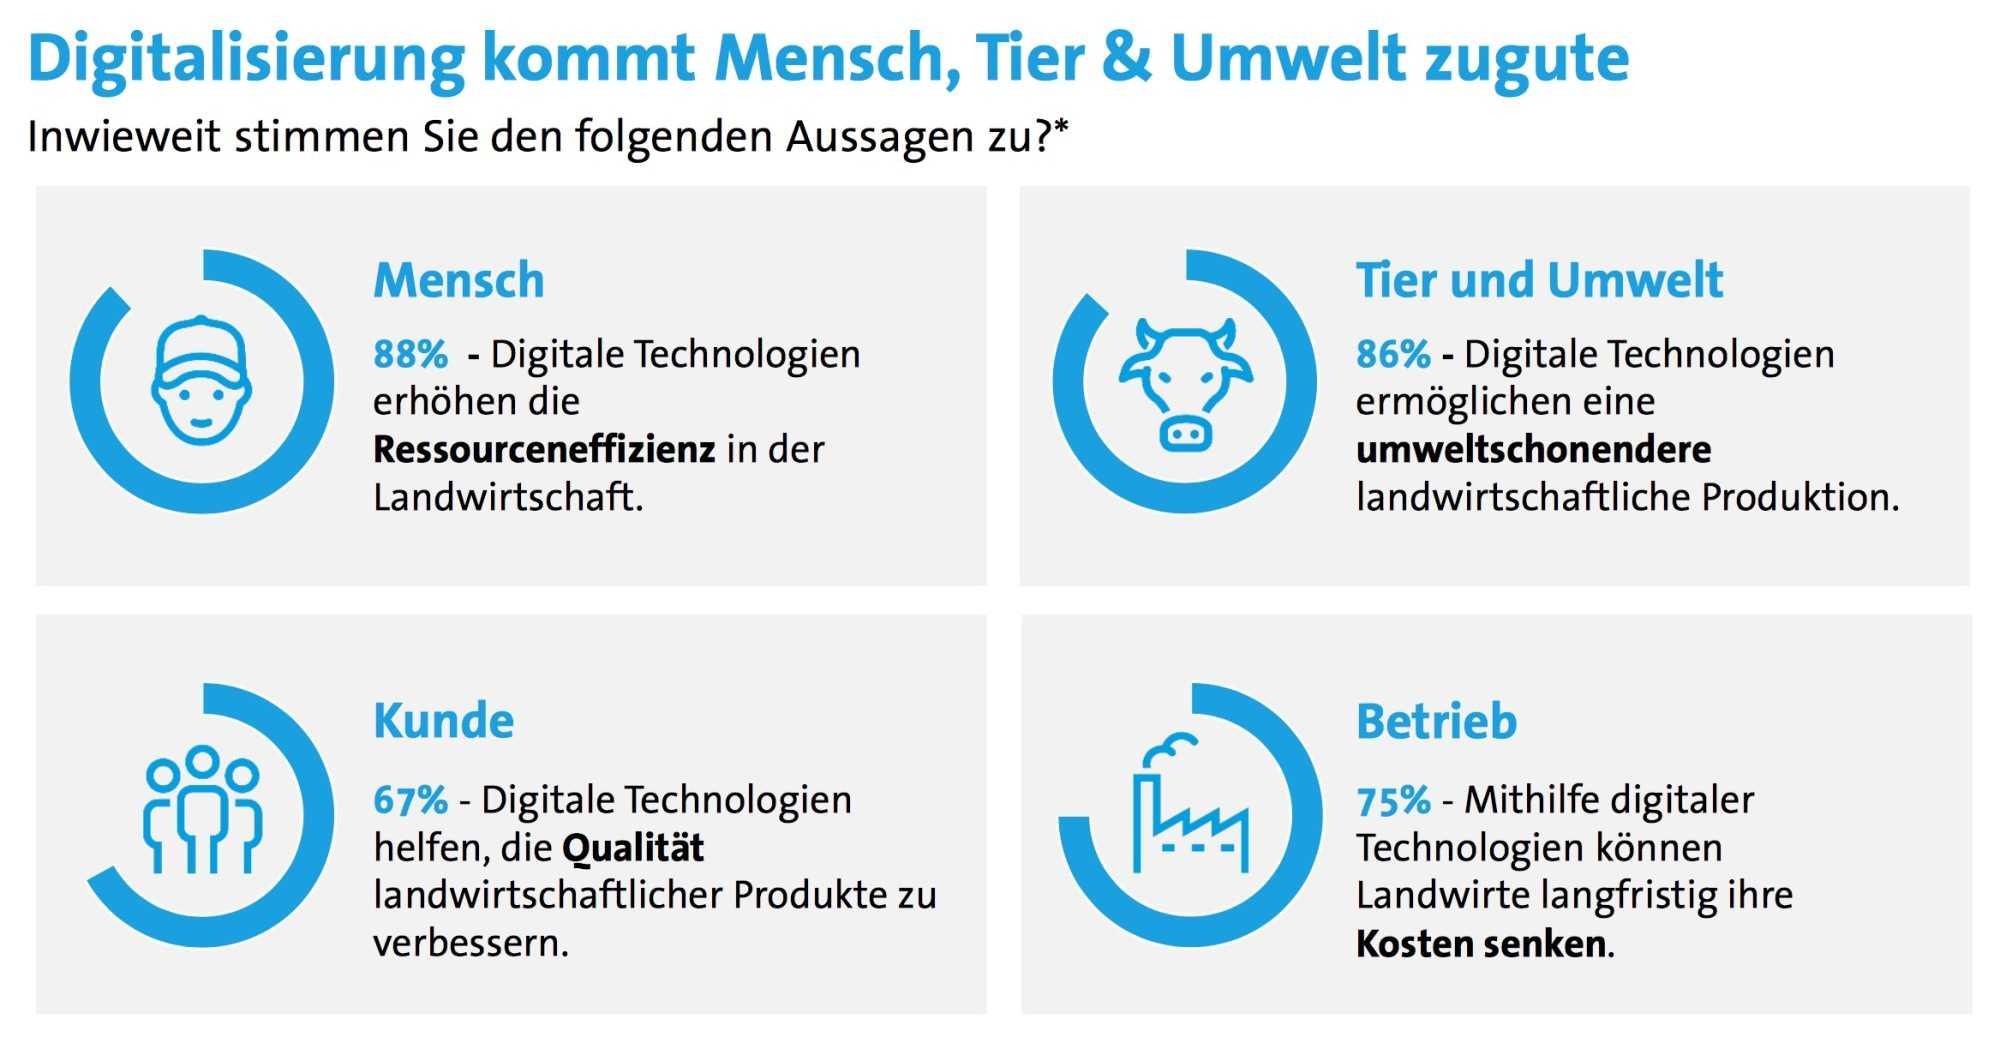 Was sich die Befragten von der Digitalisierung am meisten versprechen.